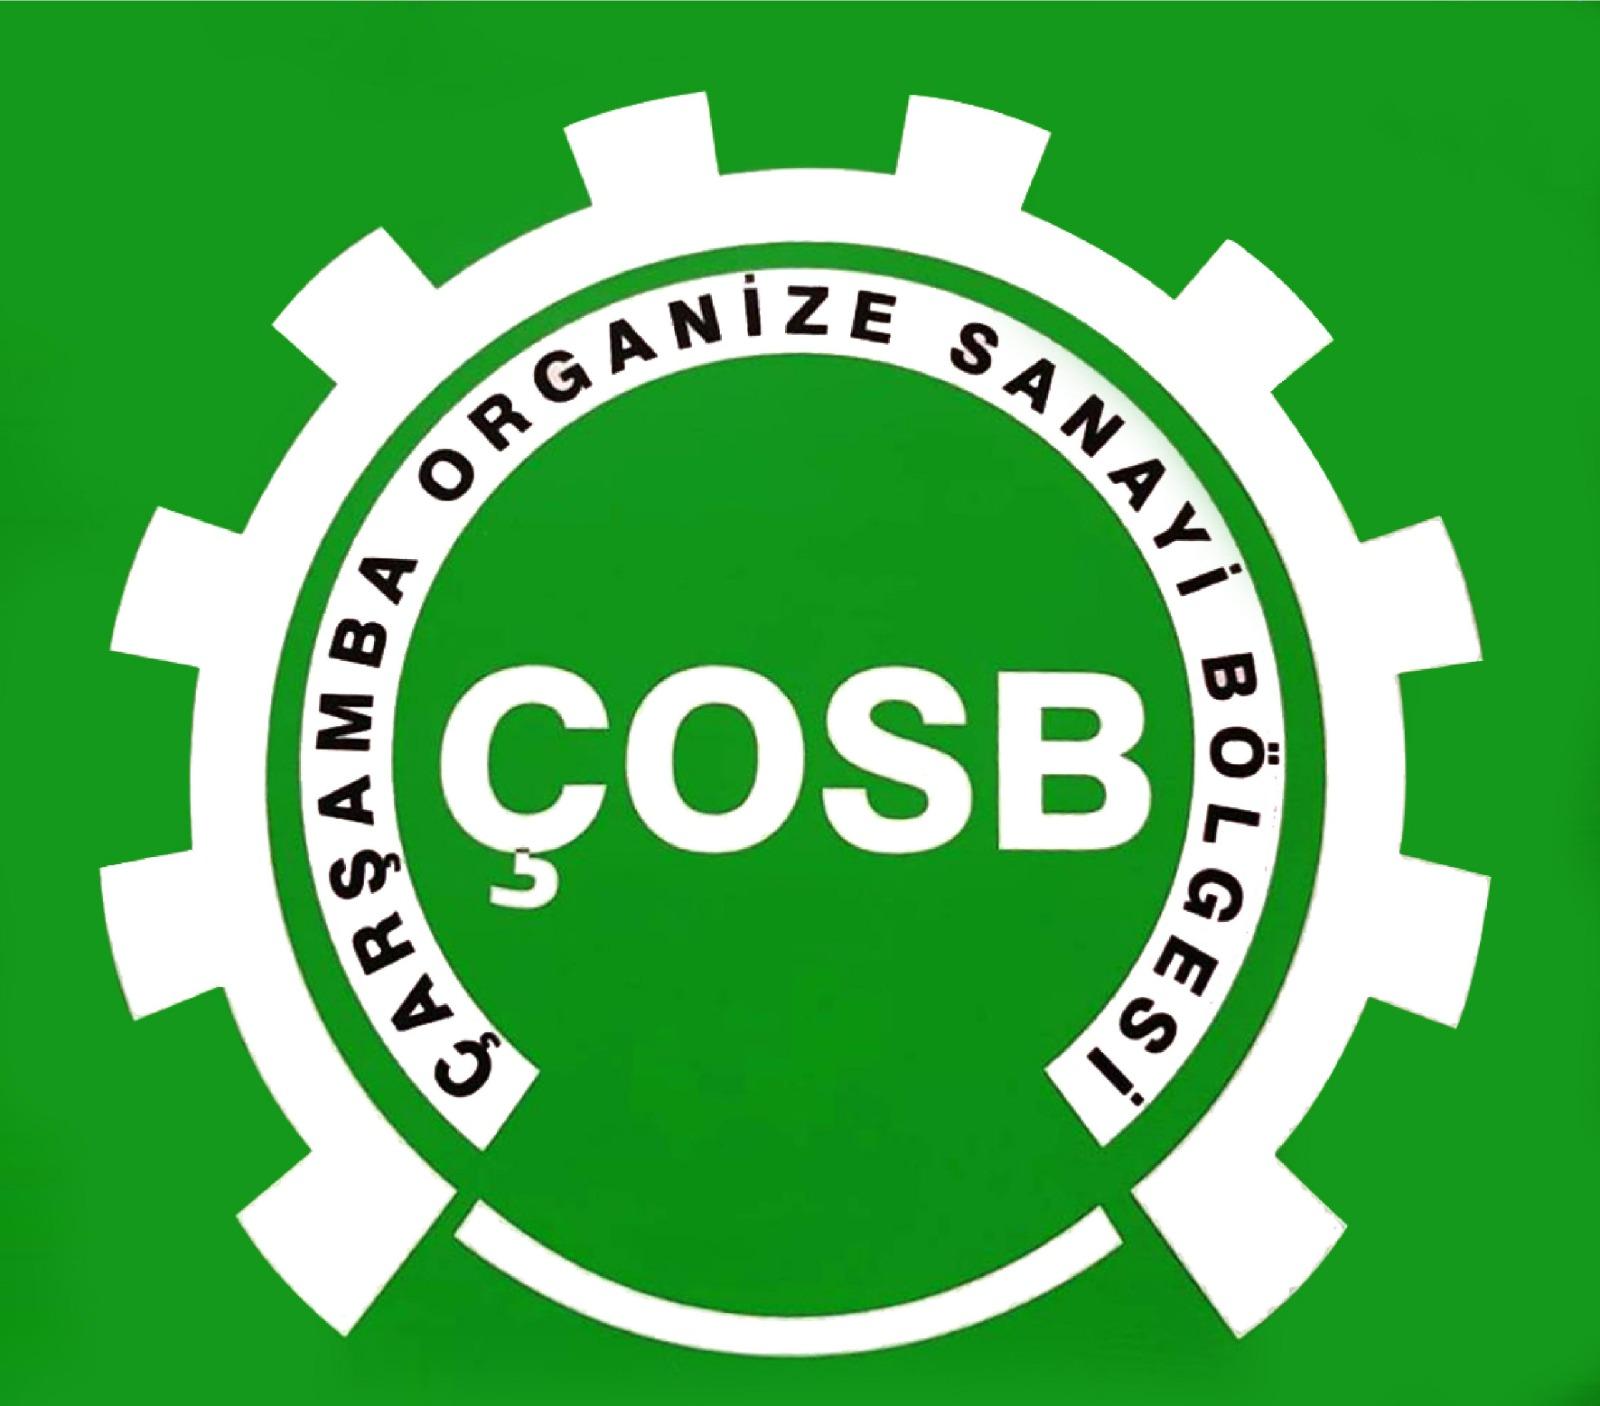 Çarşamba Organize Sanayi Bölgesi